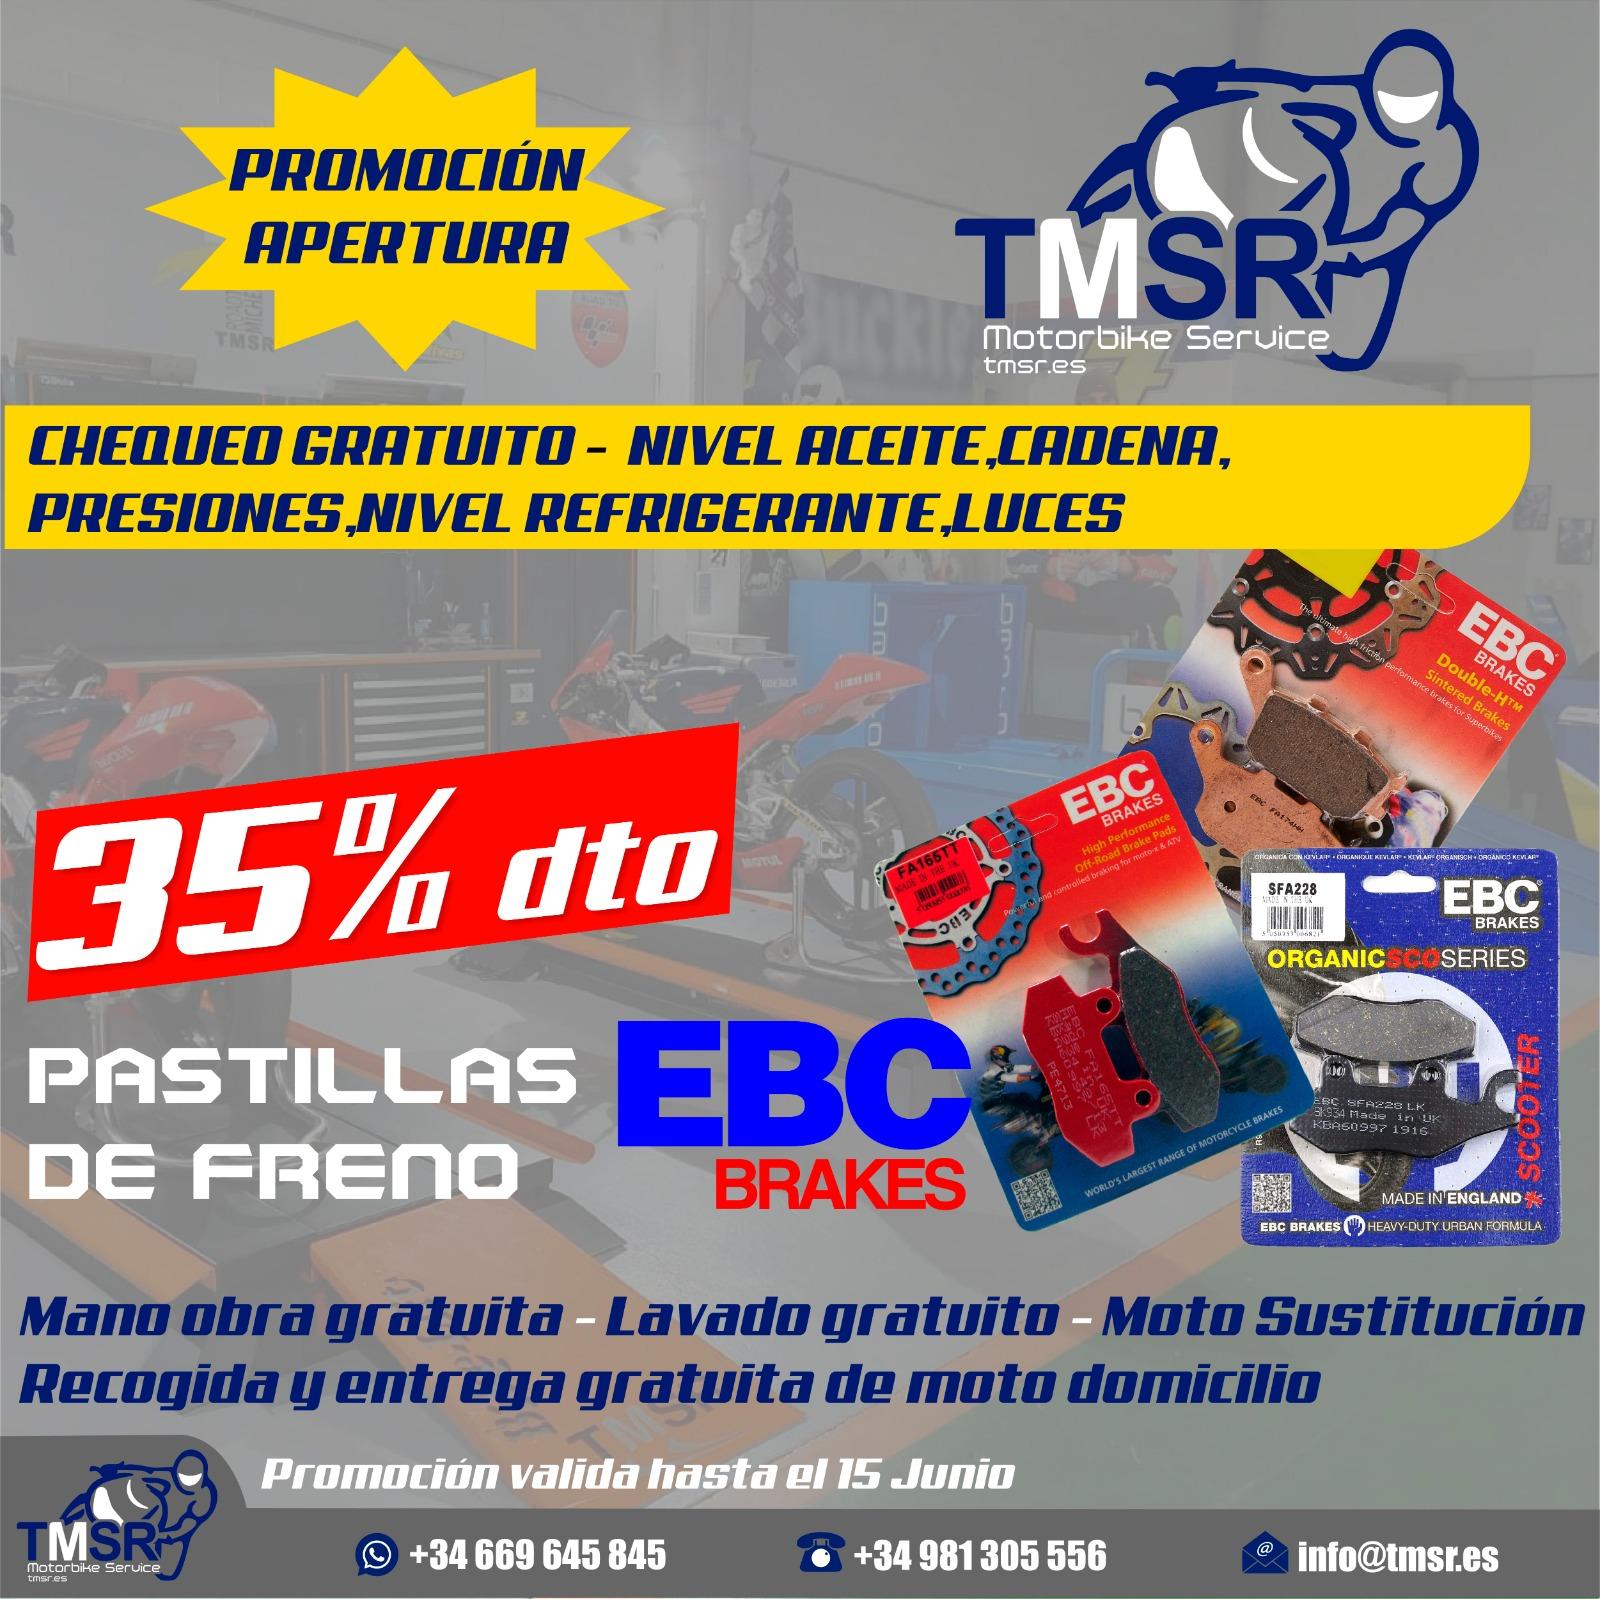 PUBLICIDADE - PROMOCION EN PASTILLAS DE FRENOS PARA MOTOS EN TMSR MAYO 2021